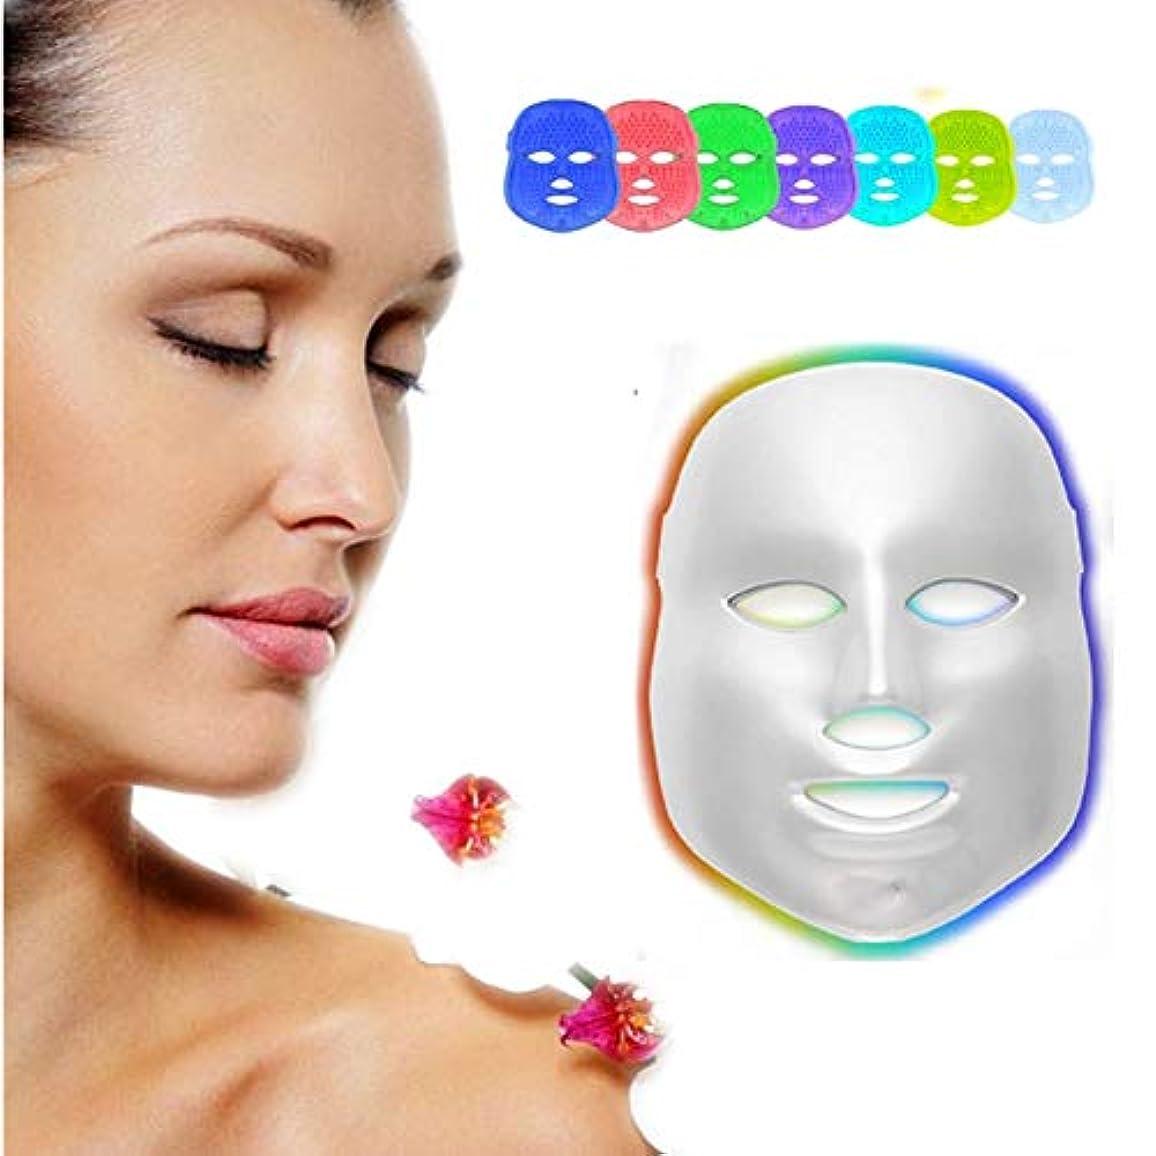 LEDPhōton療法7色光治療マスク美容機器肌の若返りタイトにきびスポット分解メラニンしわホワイトニングフェイシャル